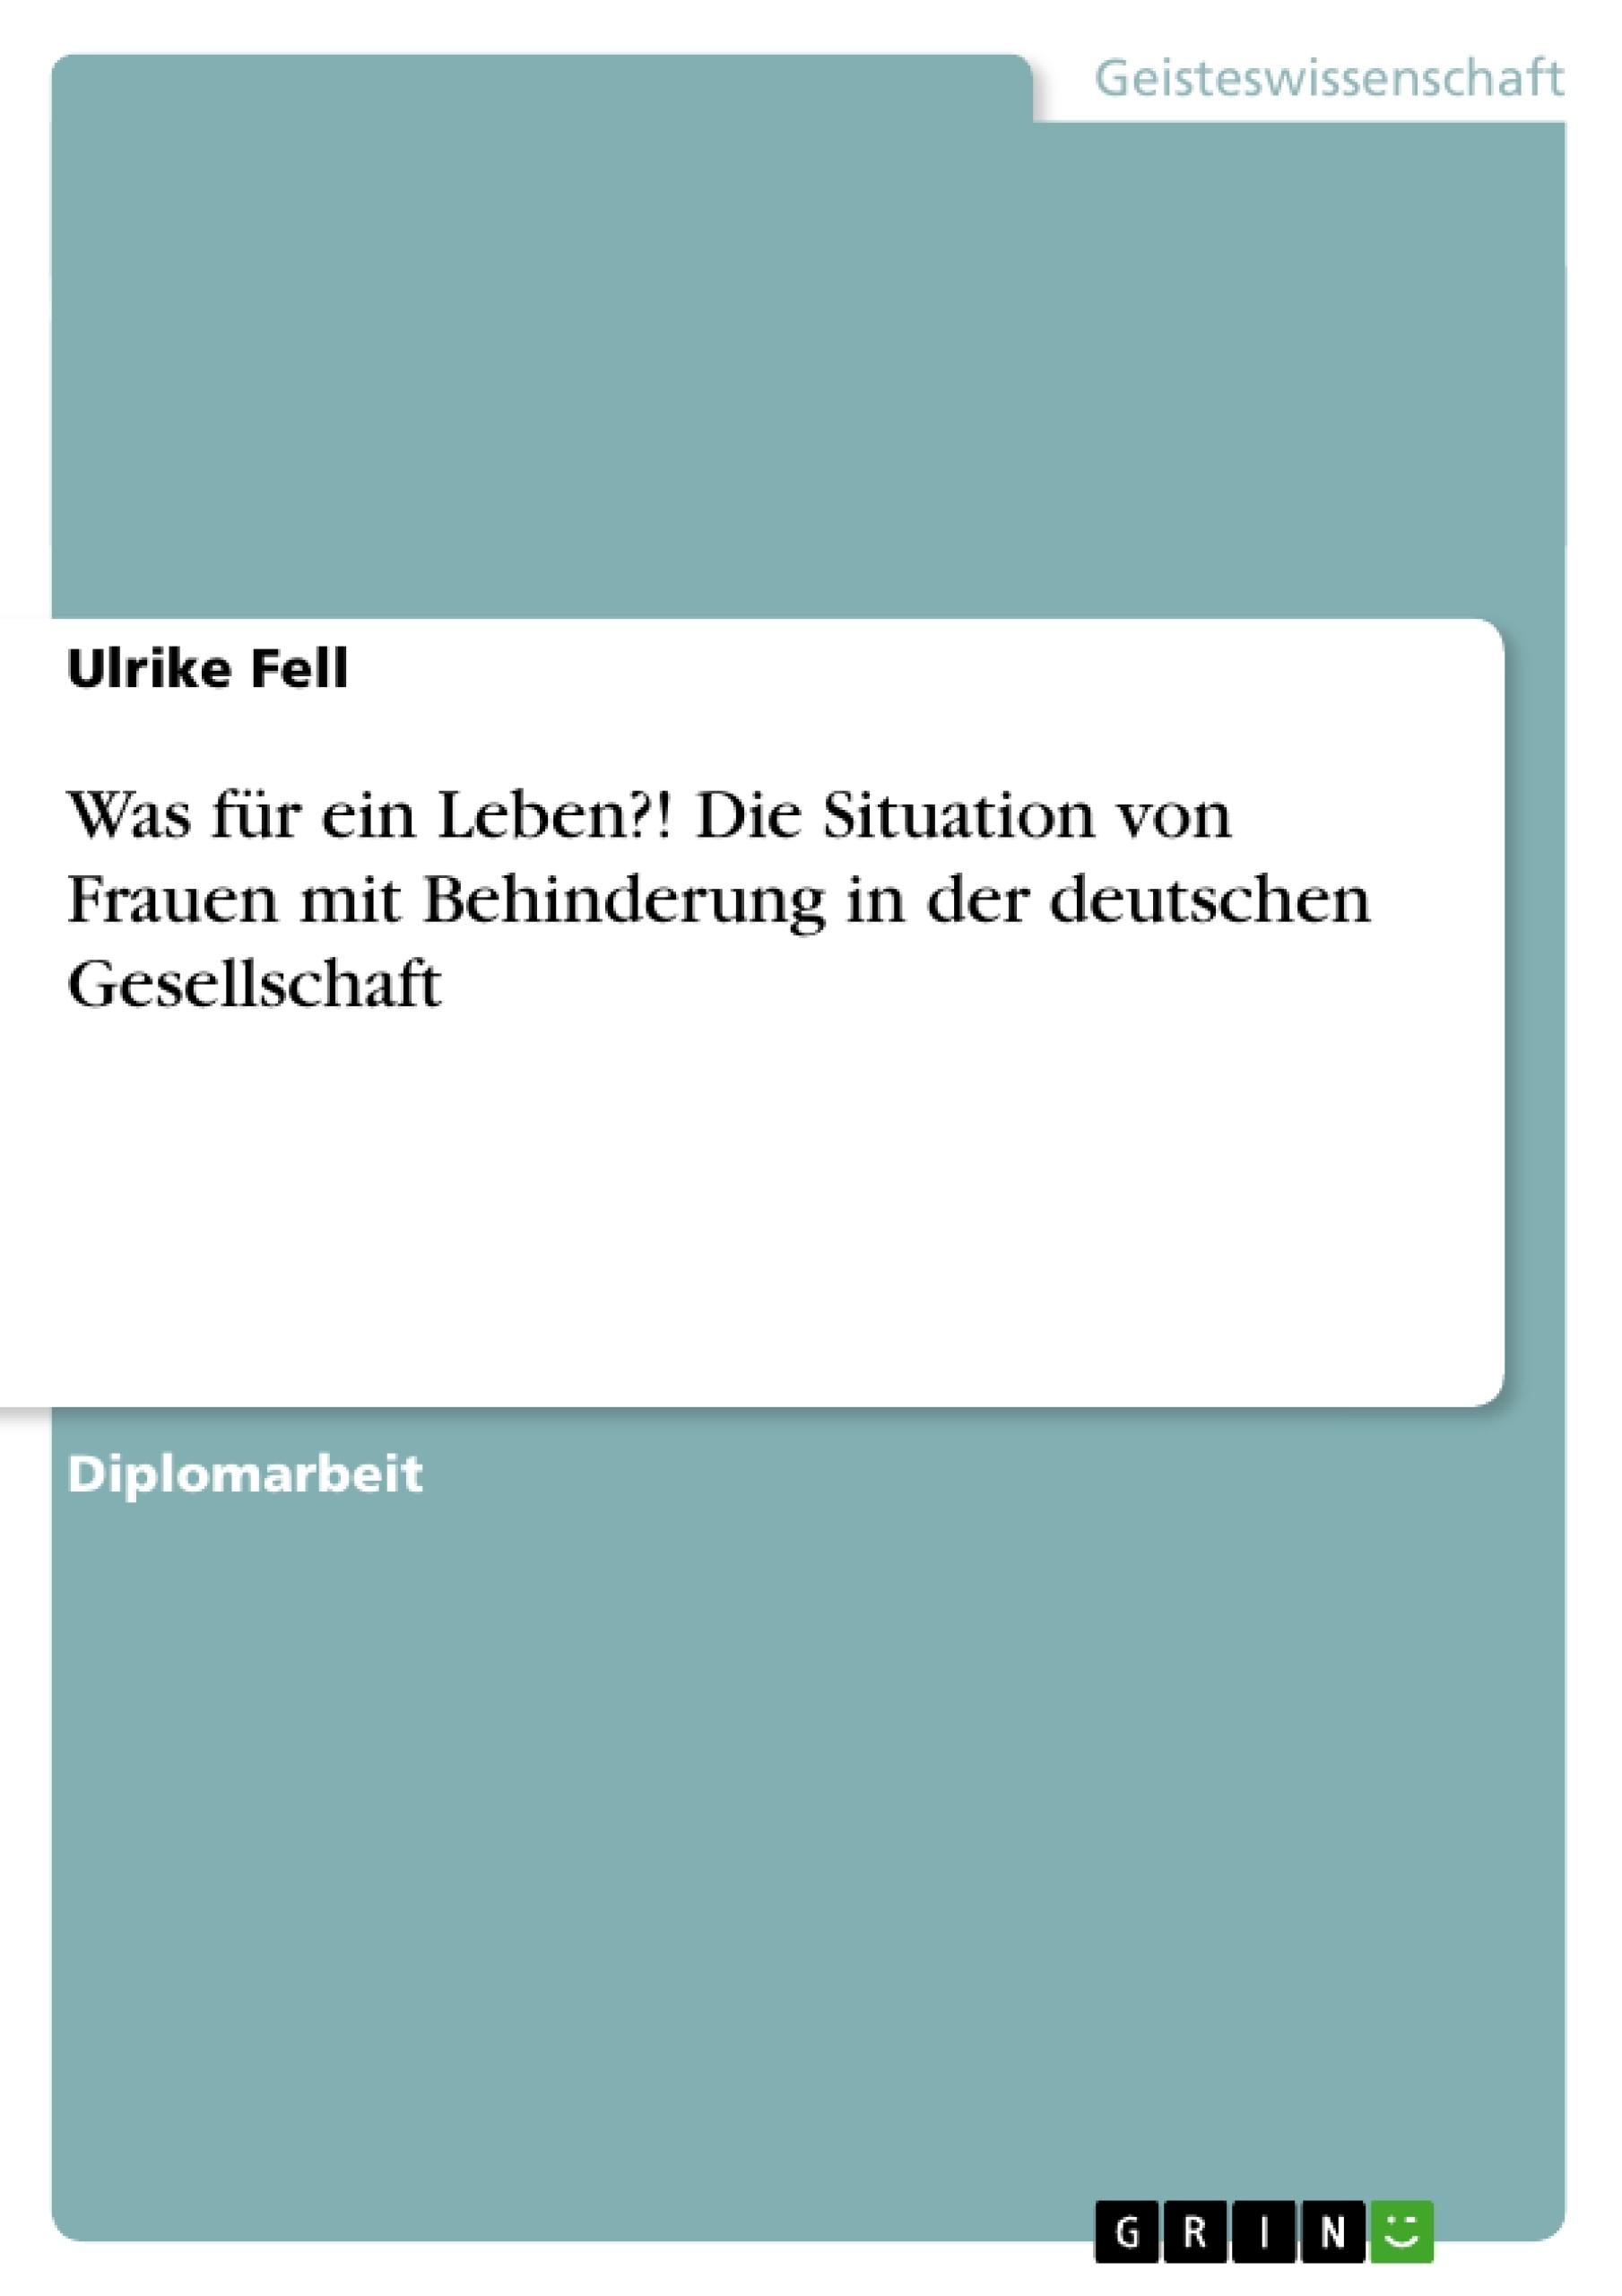 Titel: Was für ein Leben?! Die Situation von Frauen mit Behinderung in der deutschen Gesellschaft